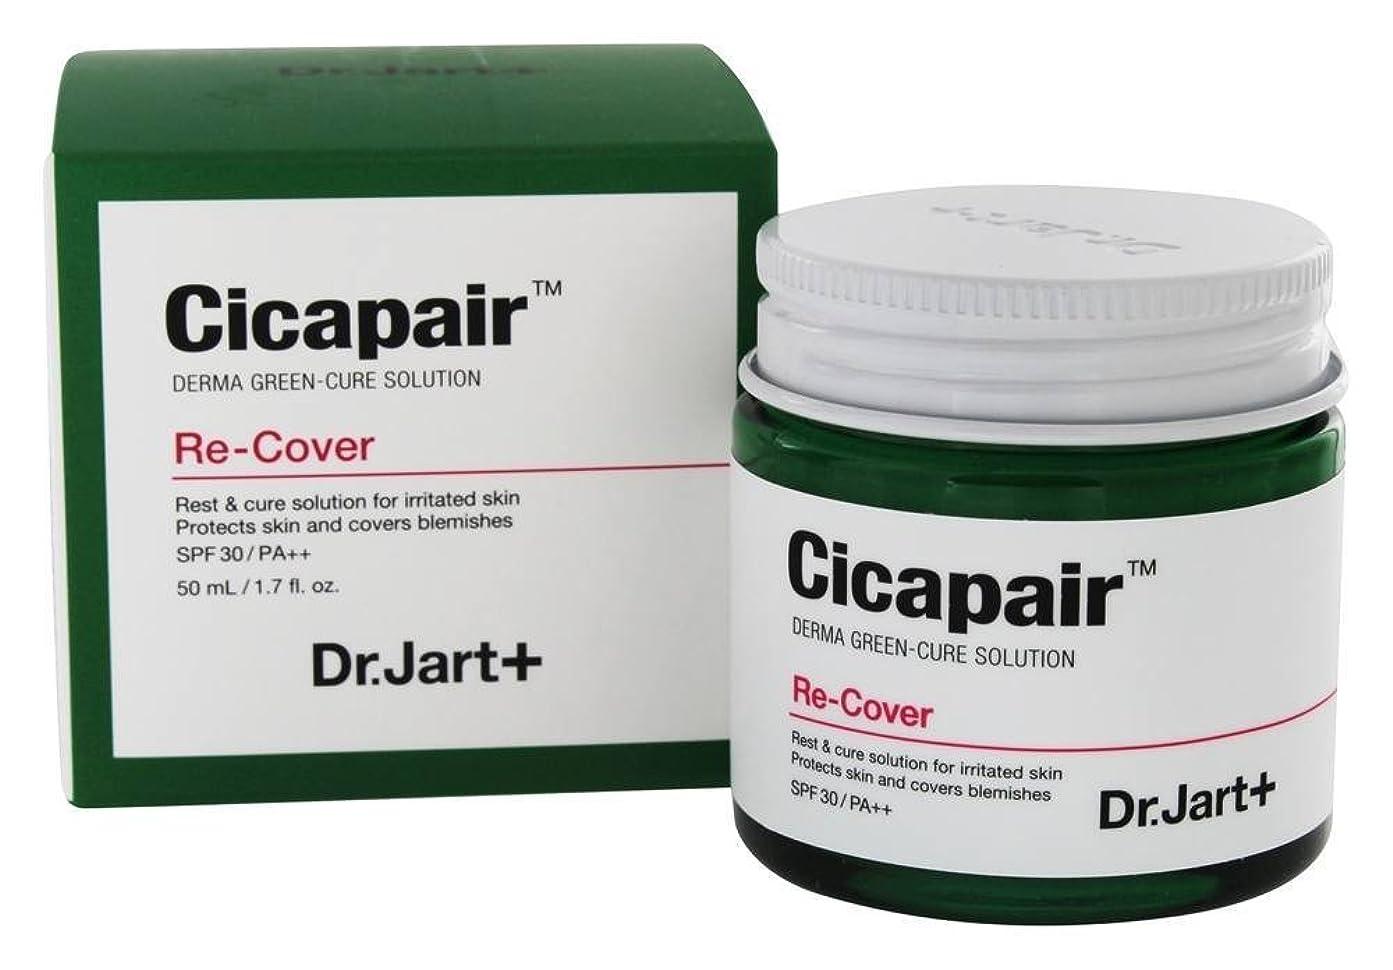 絡み合い集める故障Dr. Jart+ Cicapair Derma Green-Cure Solution Recover Cream 50ml [並行輸入品]